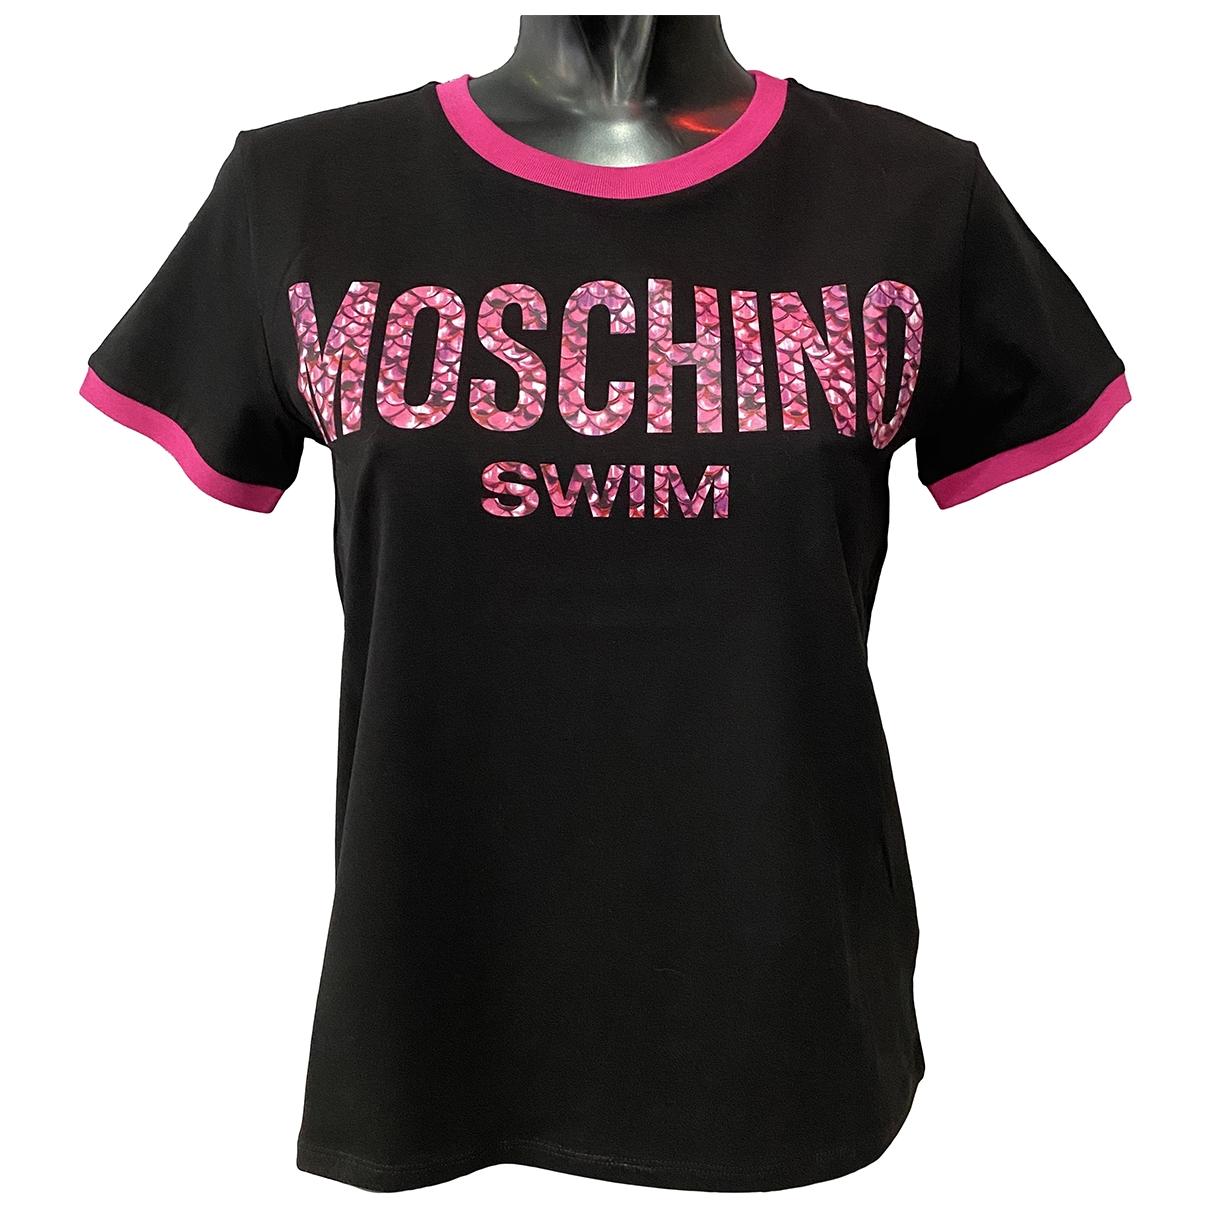 Camiseta Moschino